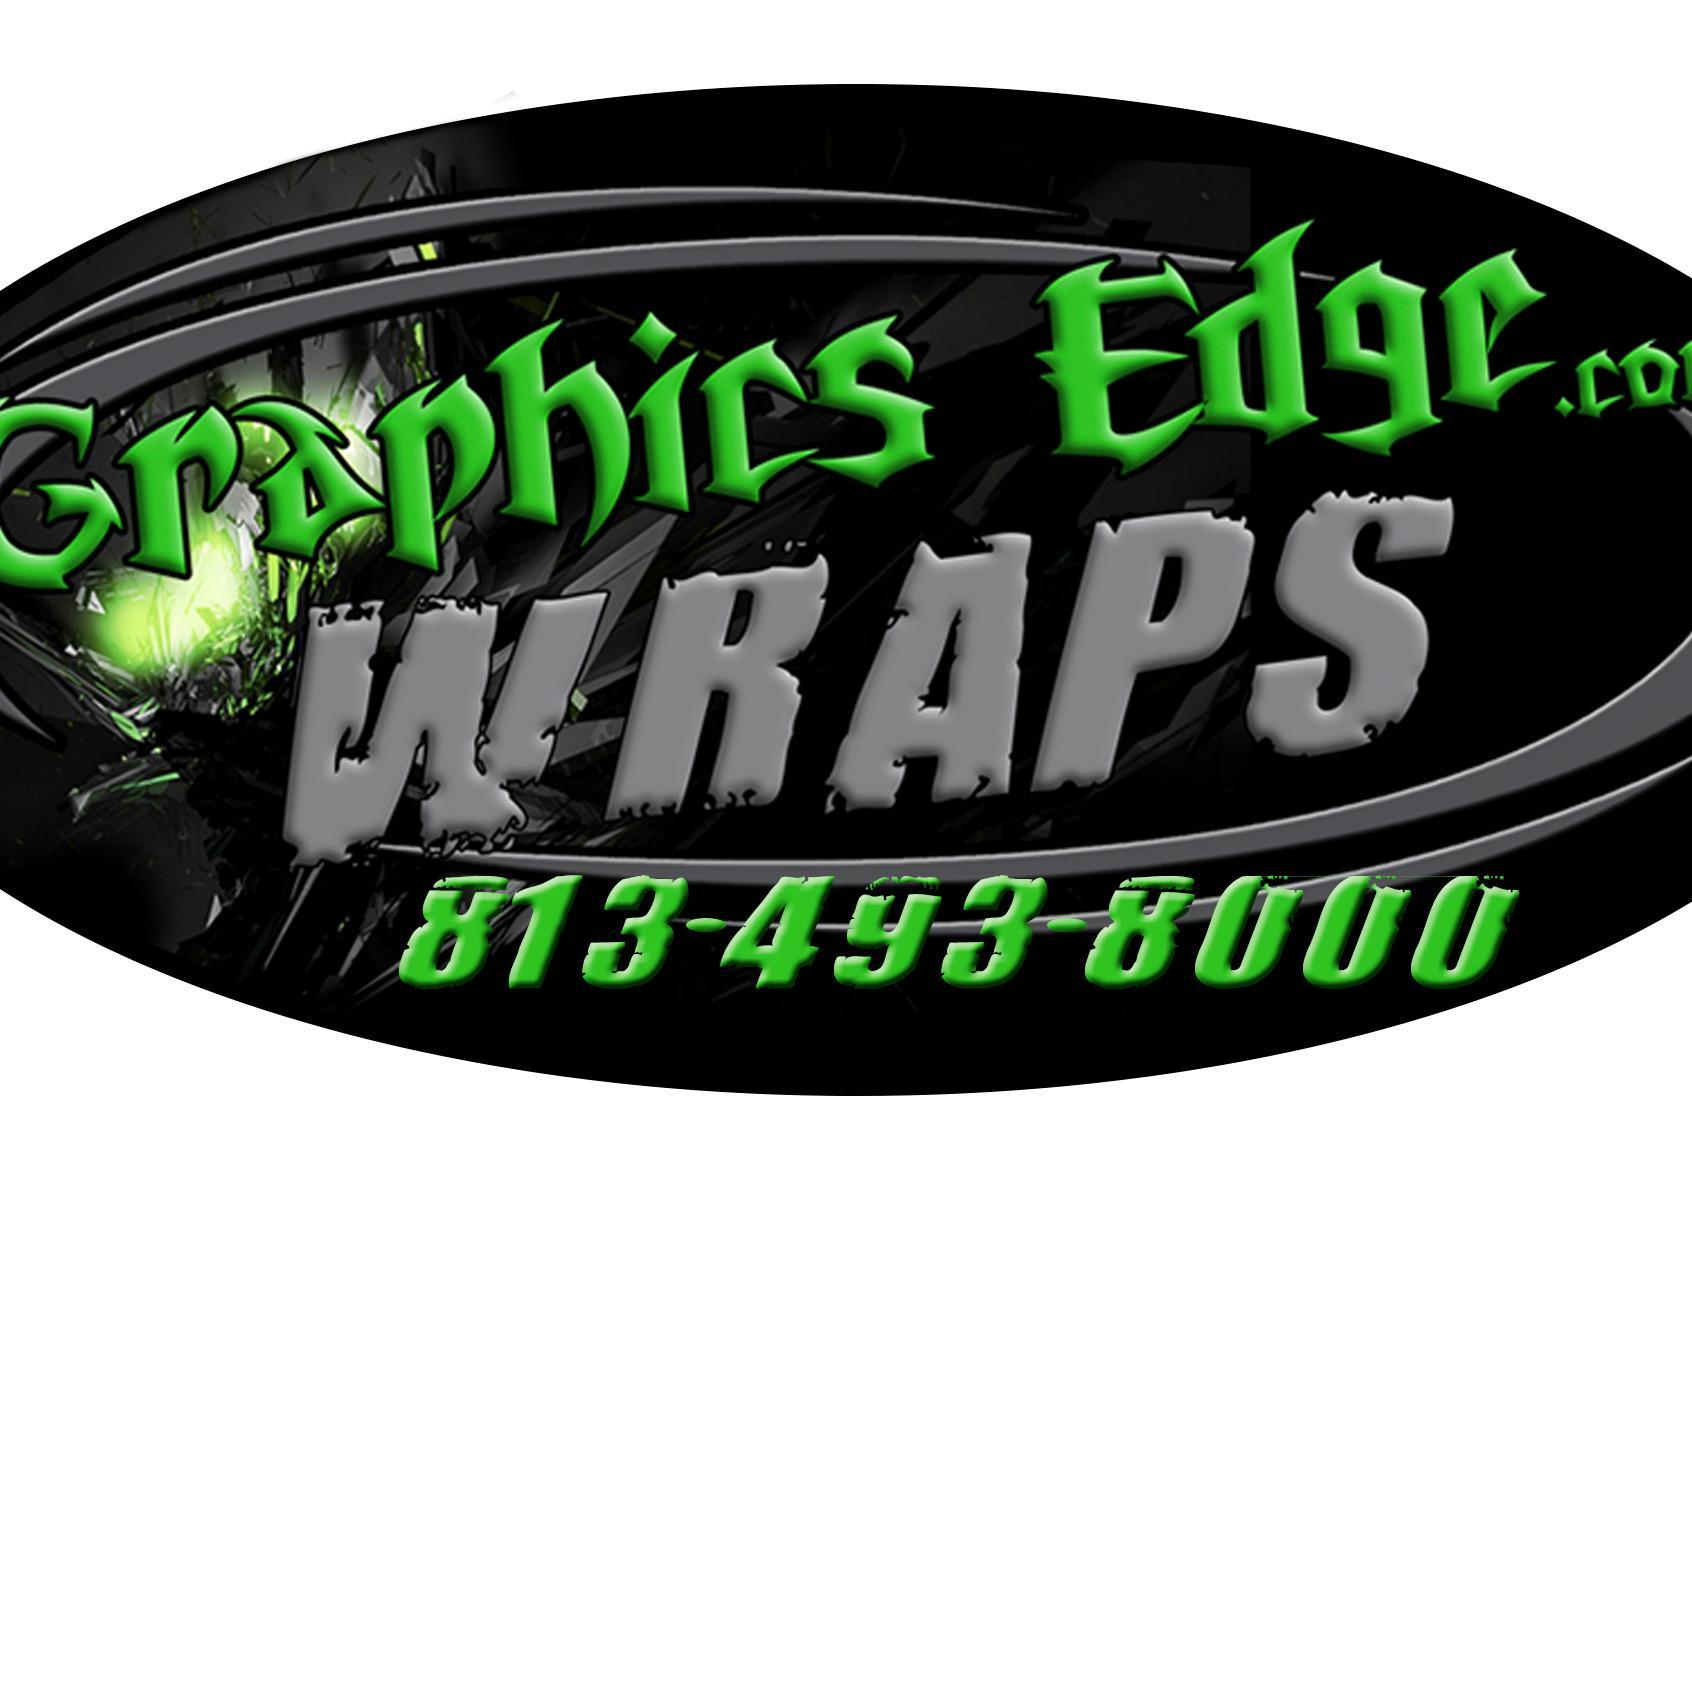 Graphics Edge LLC - Tampa, FL 33619 - (813)493-8000 | ShowMeLocal.com